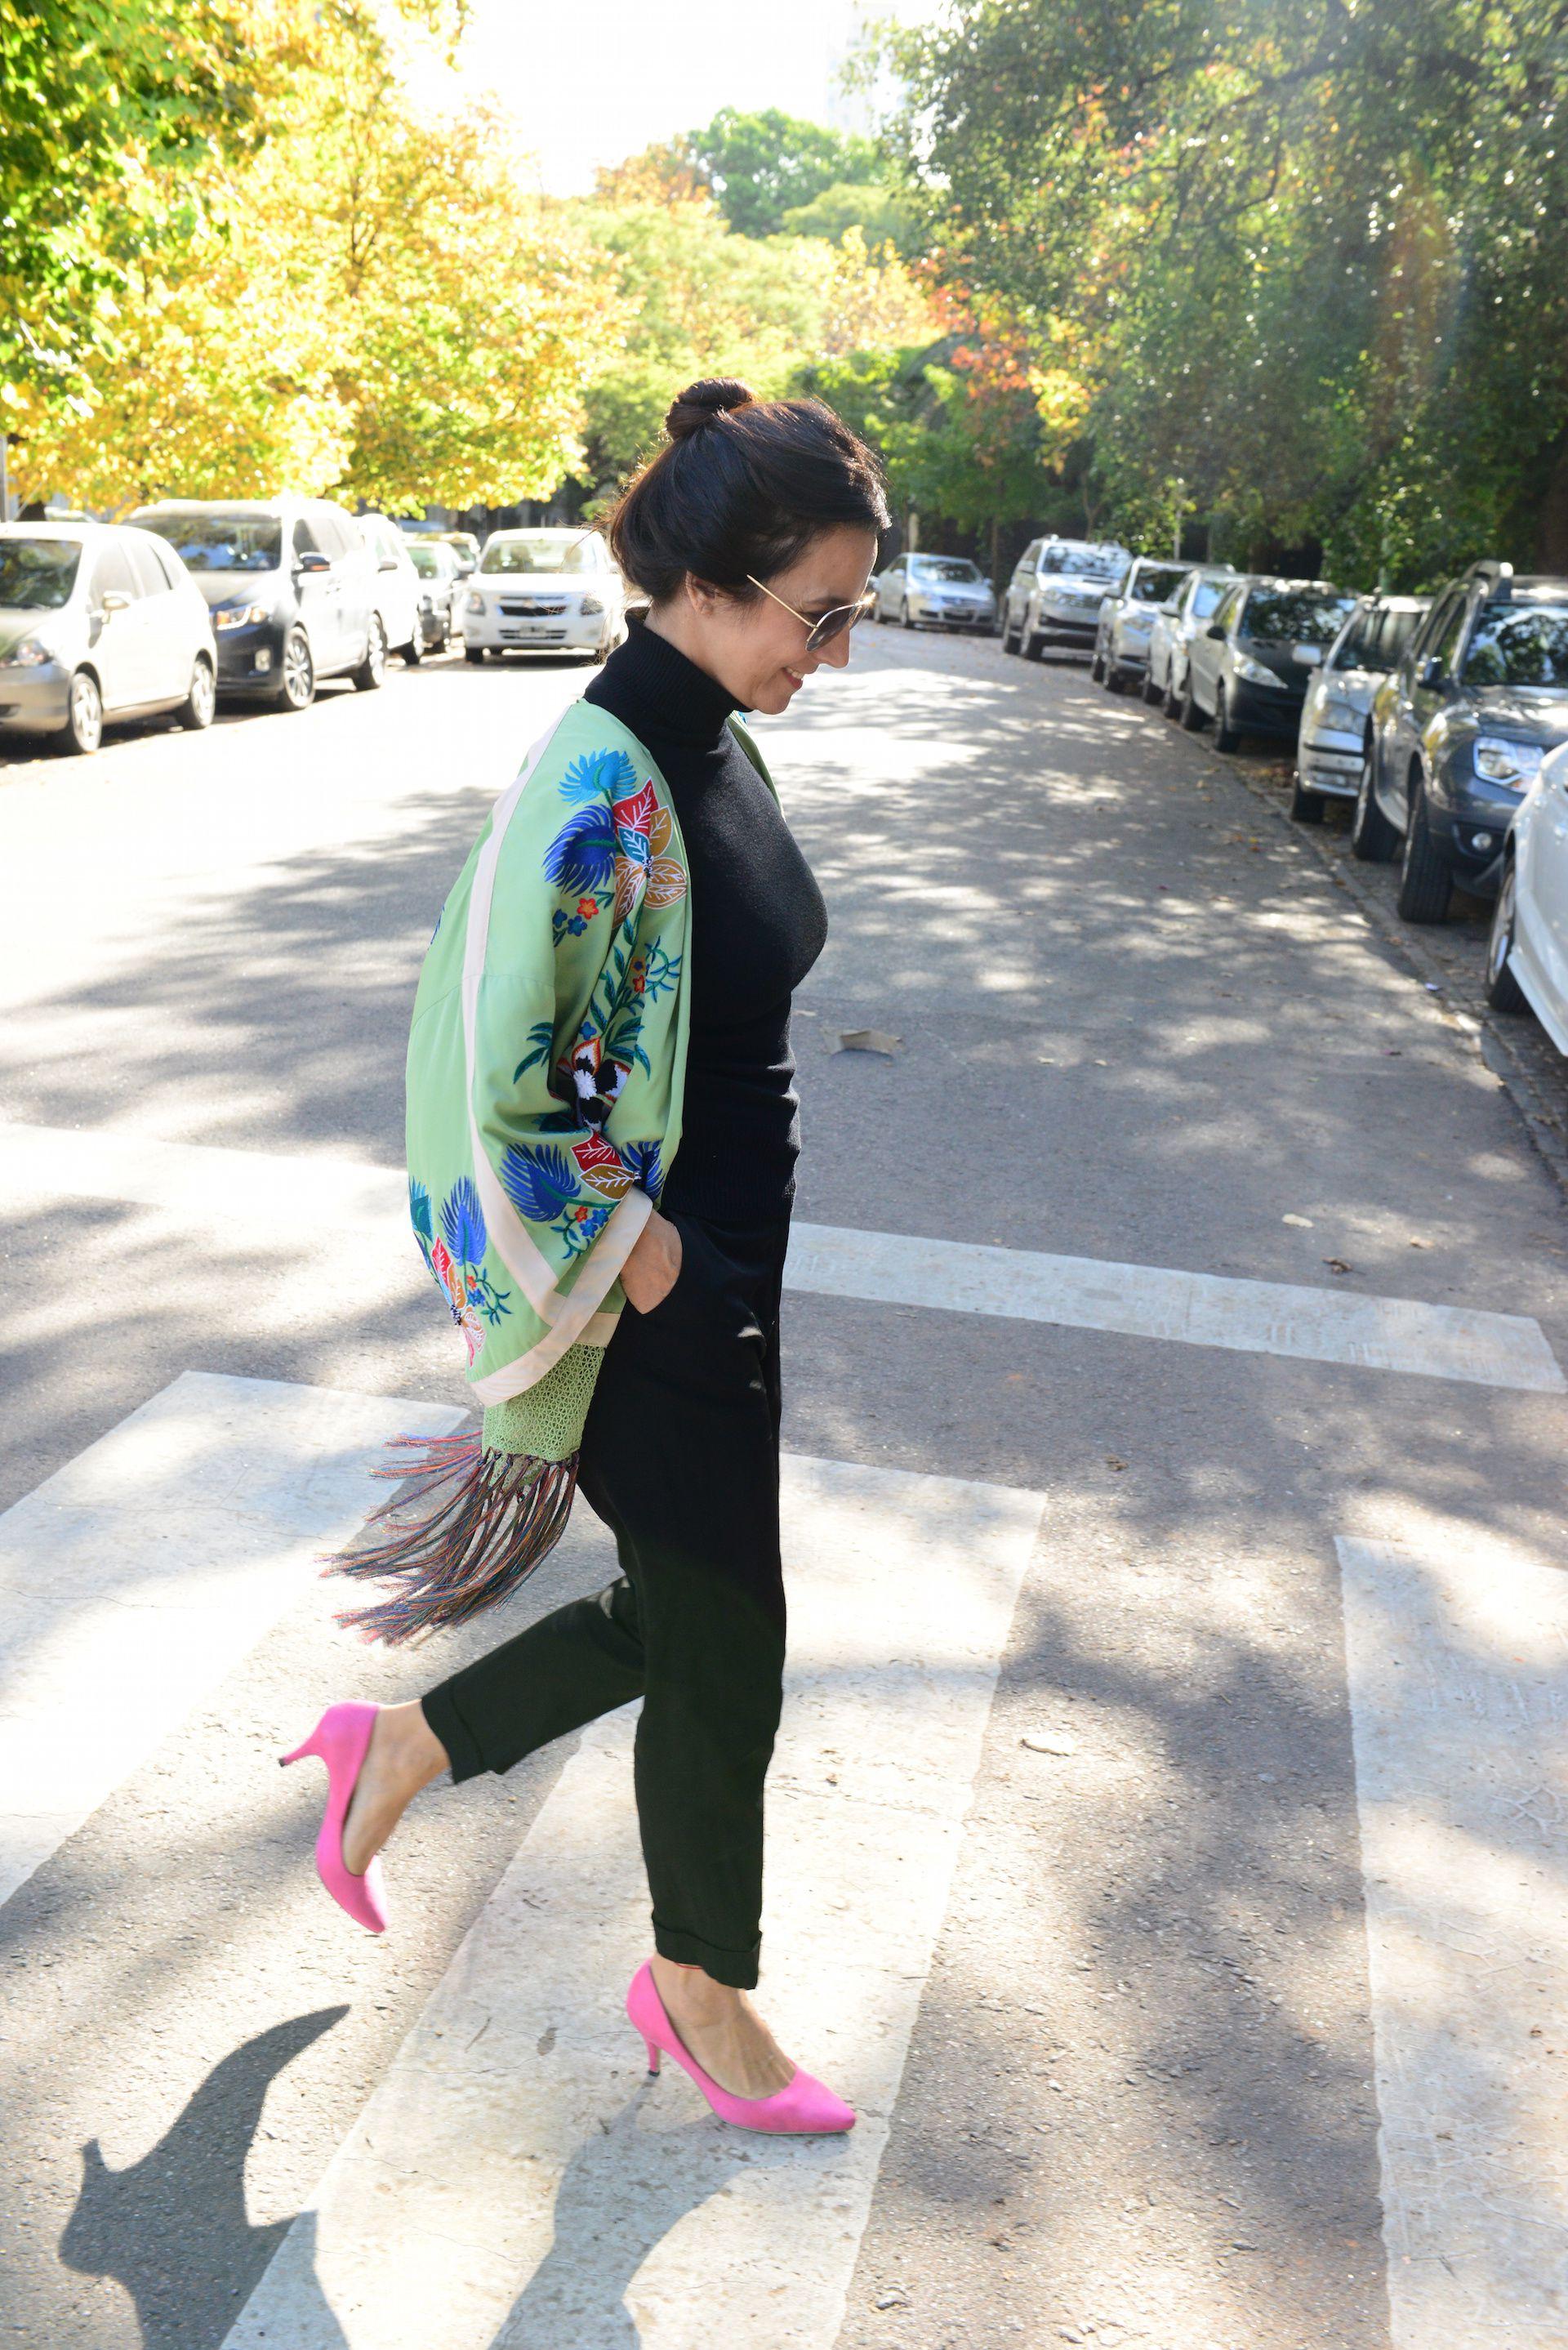 El kimono verde de Zara es una de las prendas favoritas de Marité. Foto: A. Carra/ParaTi